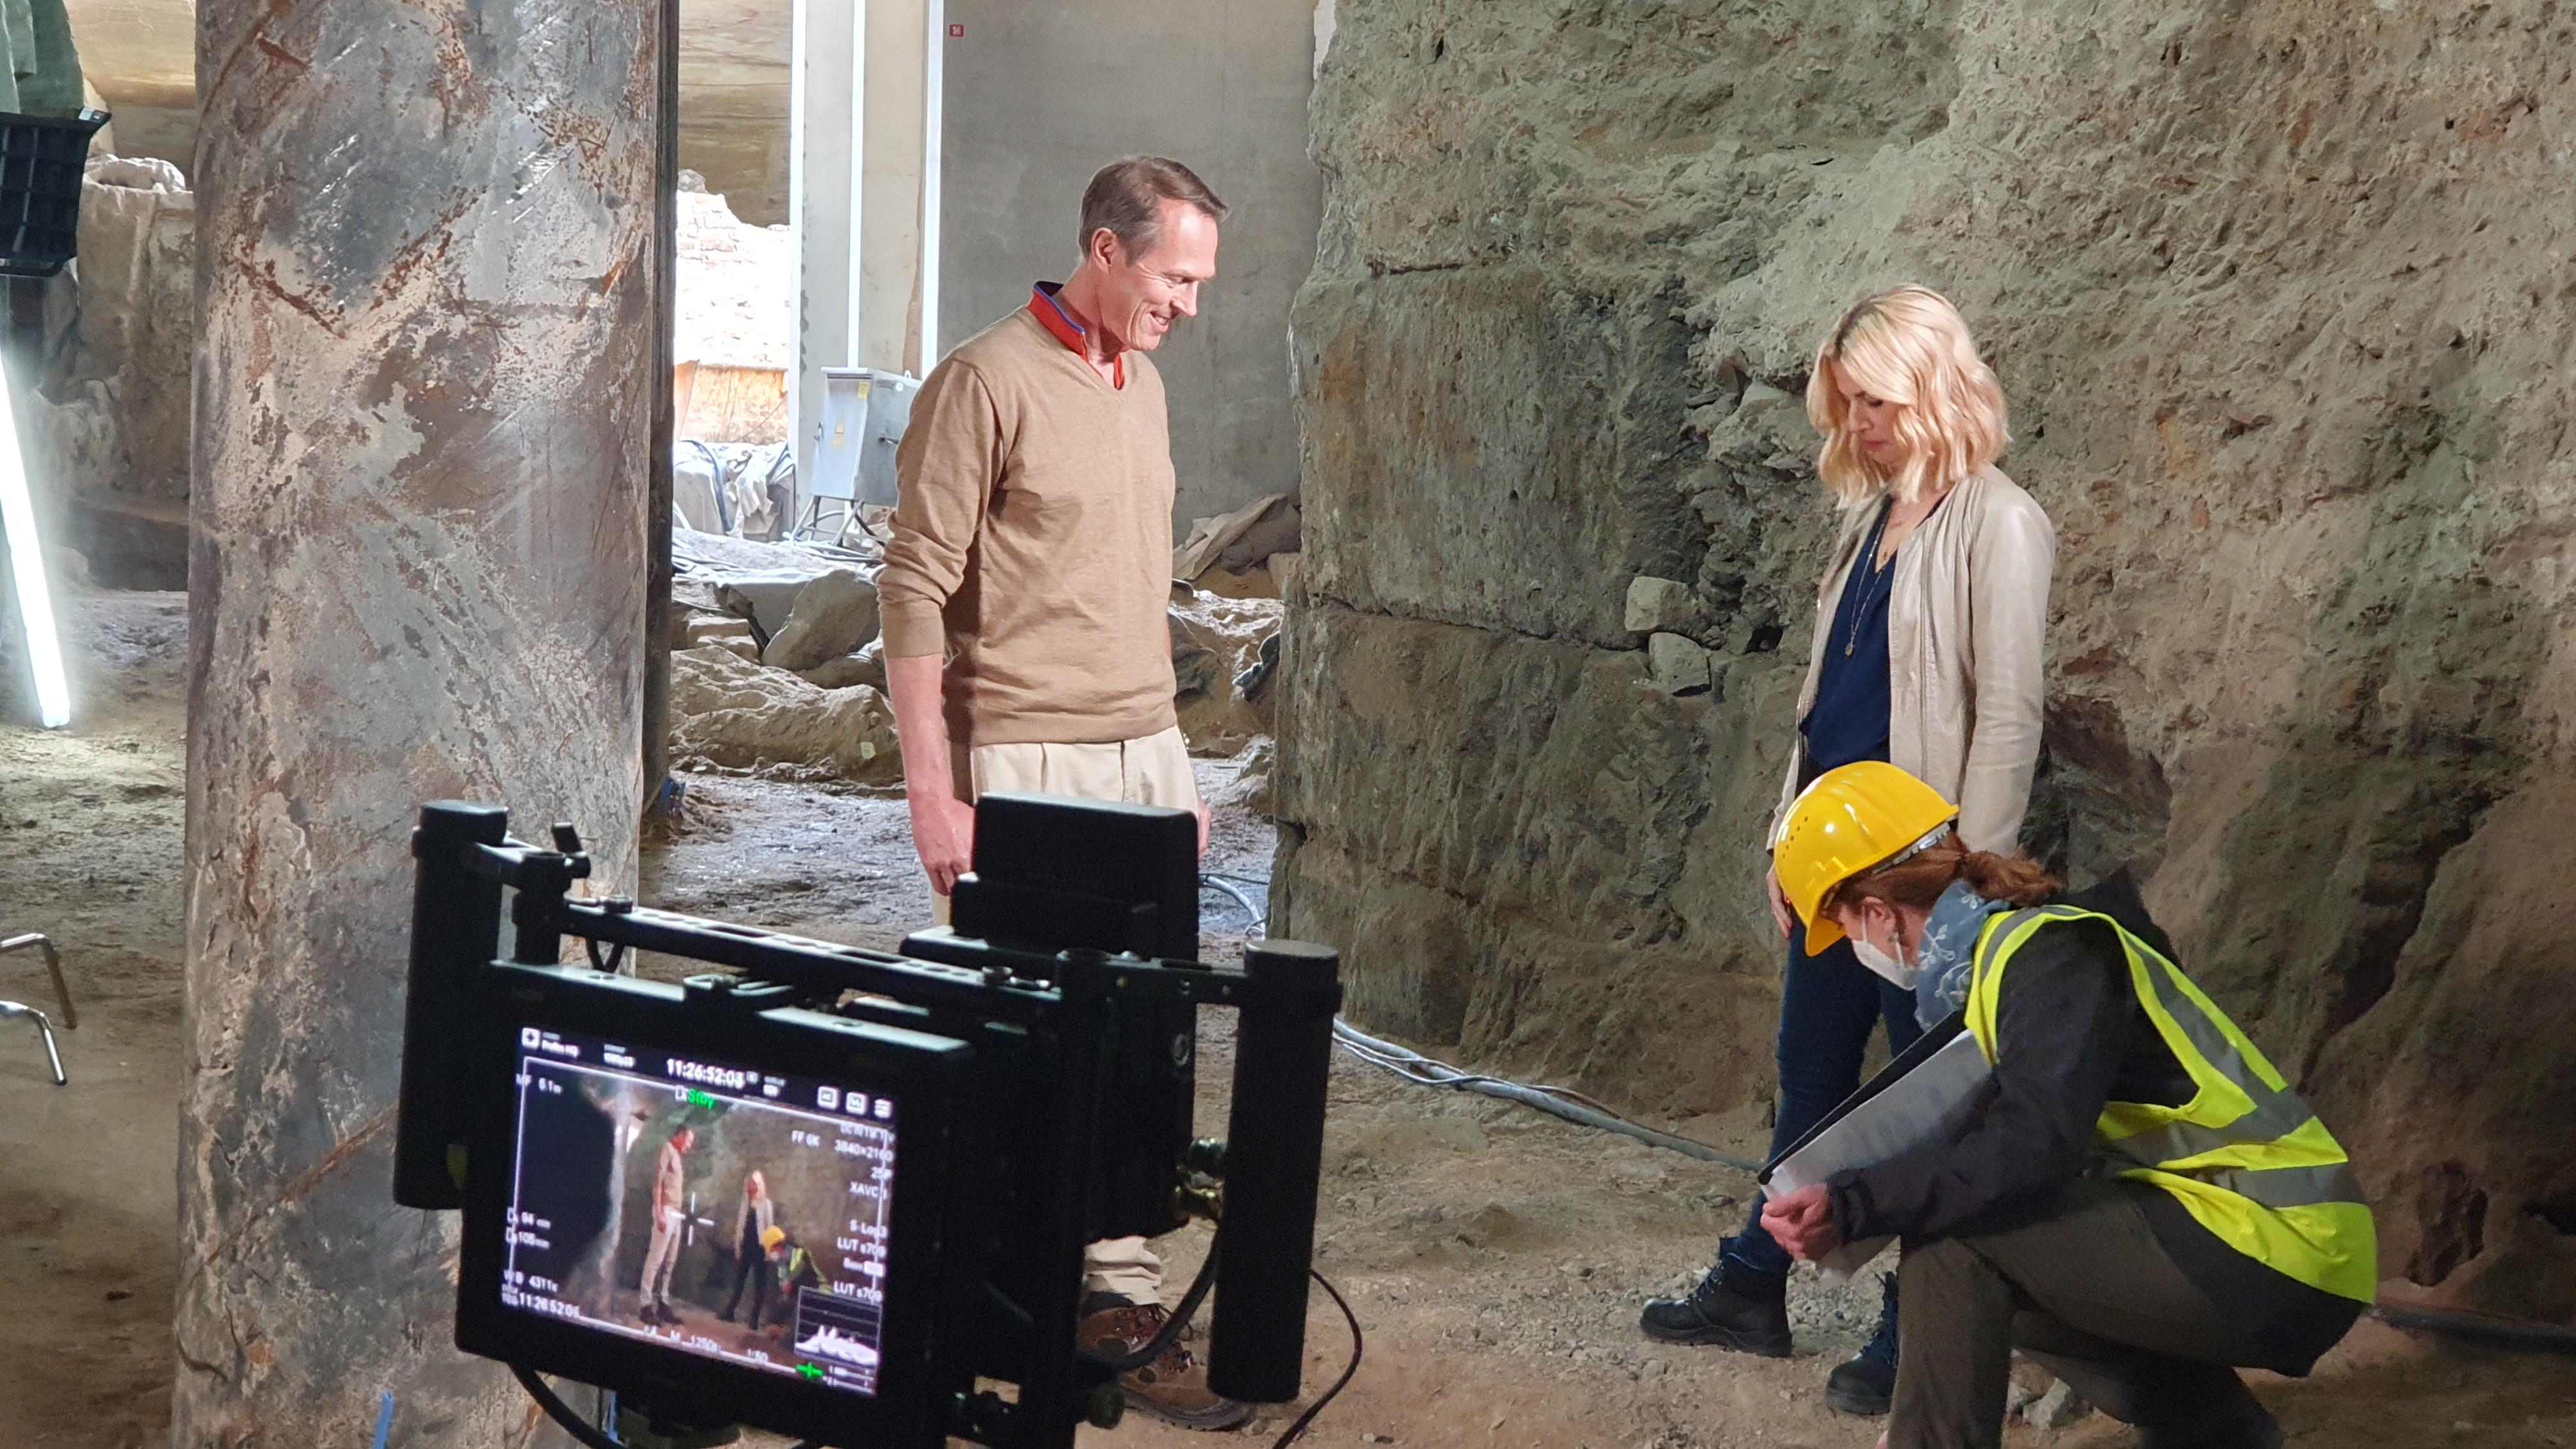 Interviewsituation: Links im Bild Mann mit beige-farbenem Pullover. Frau mit blonden Haaren und beige-farbener Jacke rechts im Bild. Eine Frau mit Bauhelm und Warnweste richtet noch etwas an den Schuhen. Im Vordergrund ist bereits eine Kamera für die Aufnahme ausgerichtet.